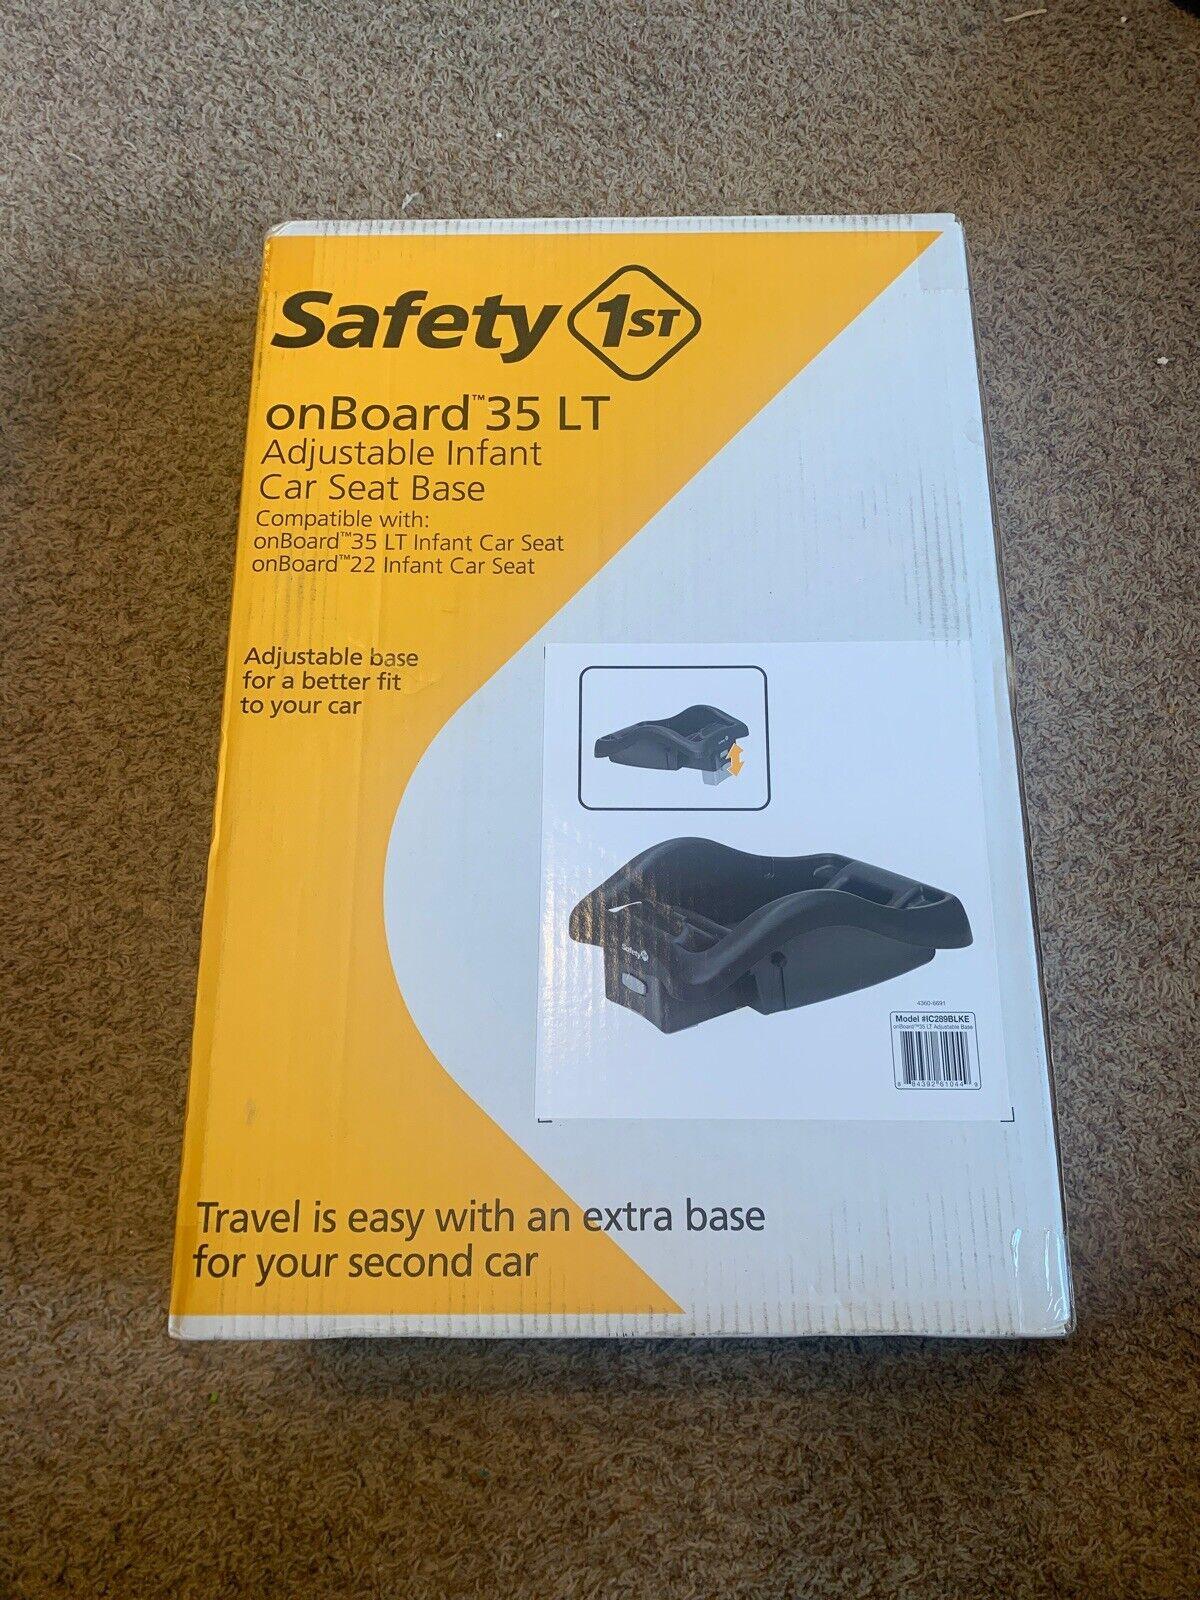 Safety 1st Onboard 35 Lt Adjustable Infant Car Seat Base